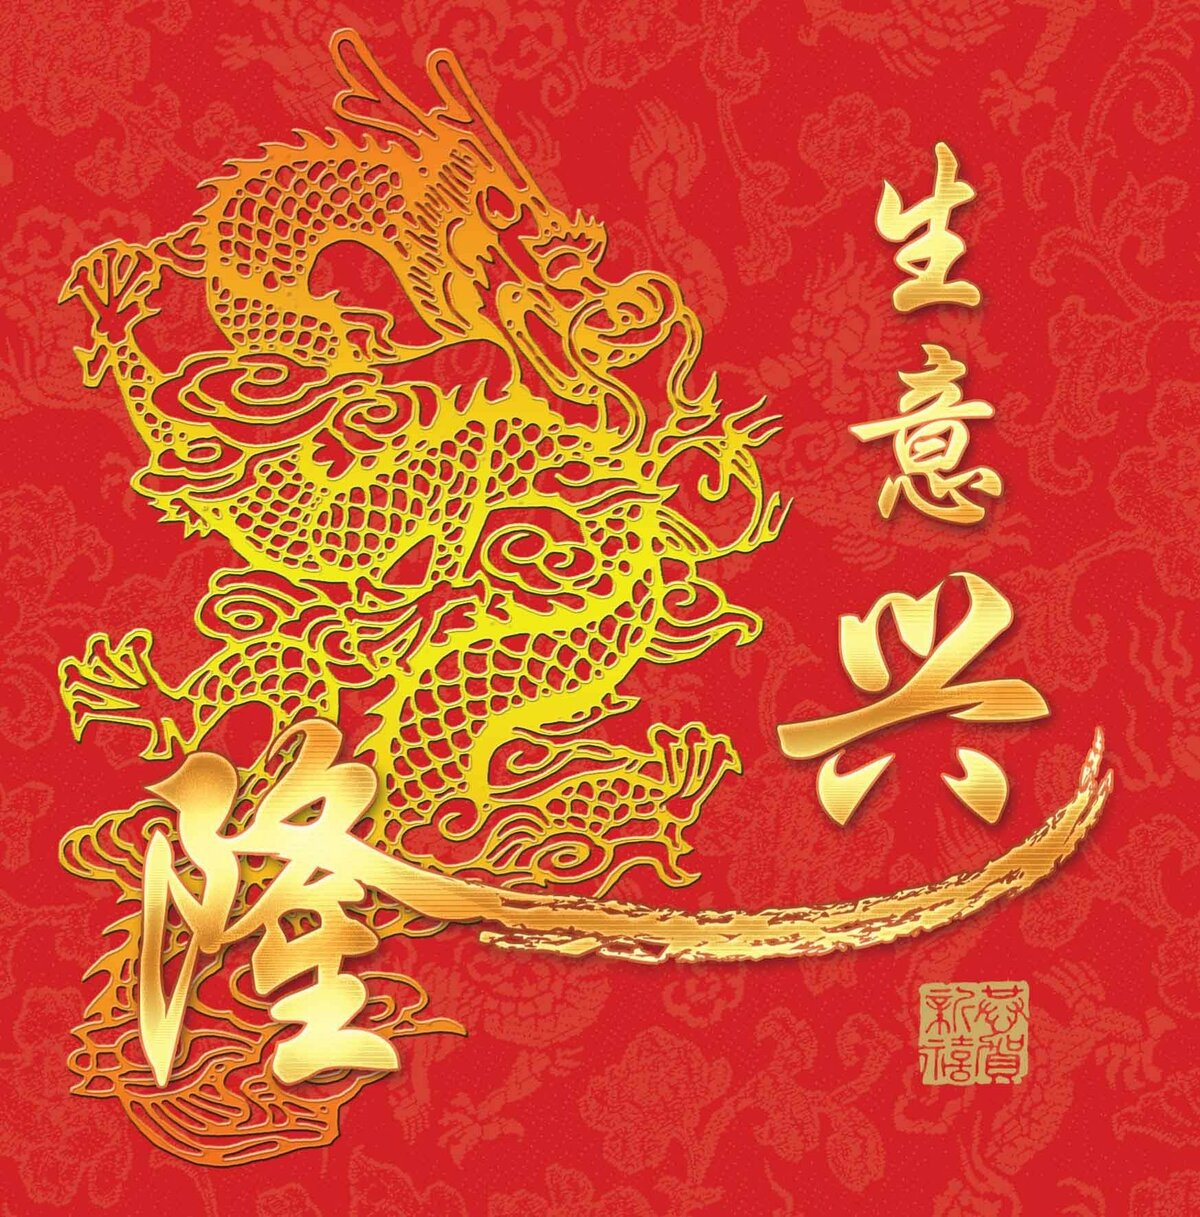 Открытки с китайскими иероглифами, именинами ангелины августа